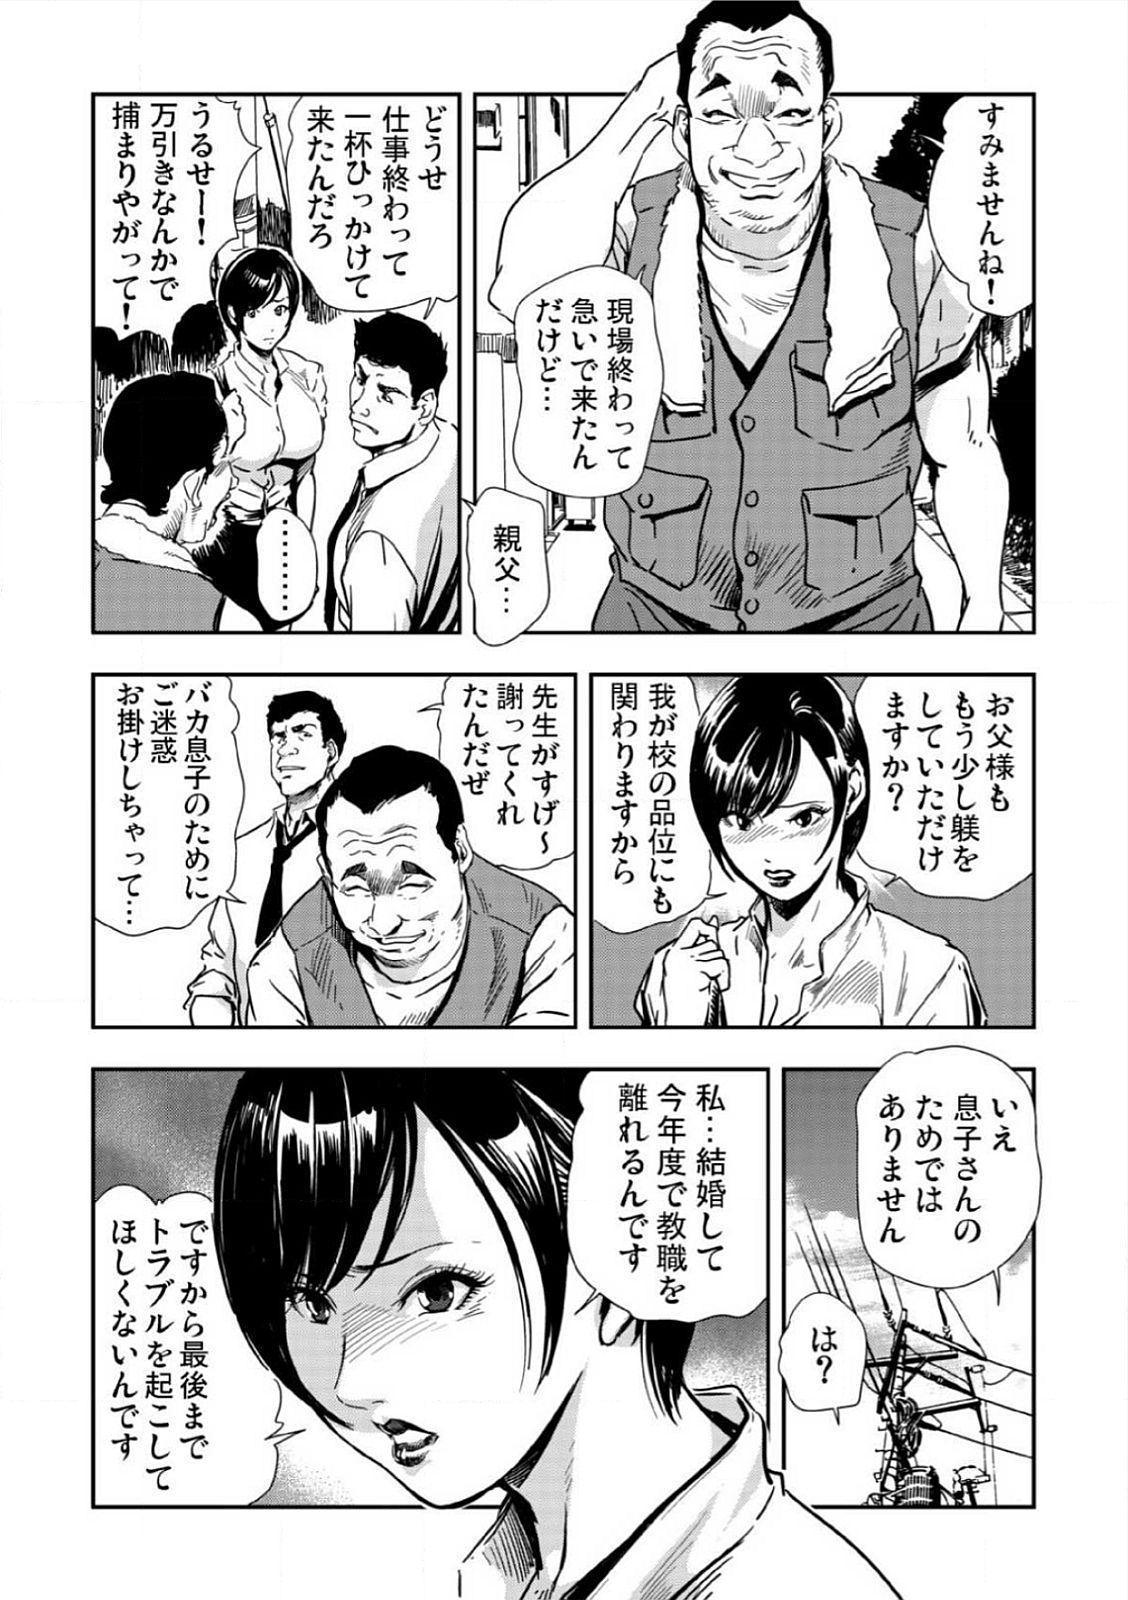 [Misaki Yukihiro] Kyousei Shidou ~Mechakucha ni Kegasarete~ (1)~(6) [Digital] 136